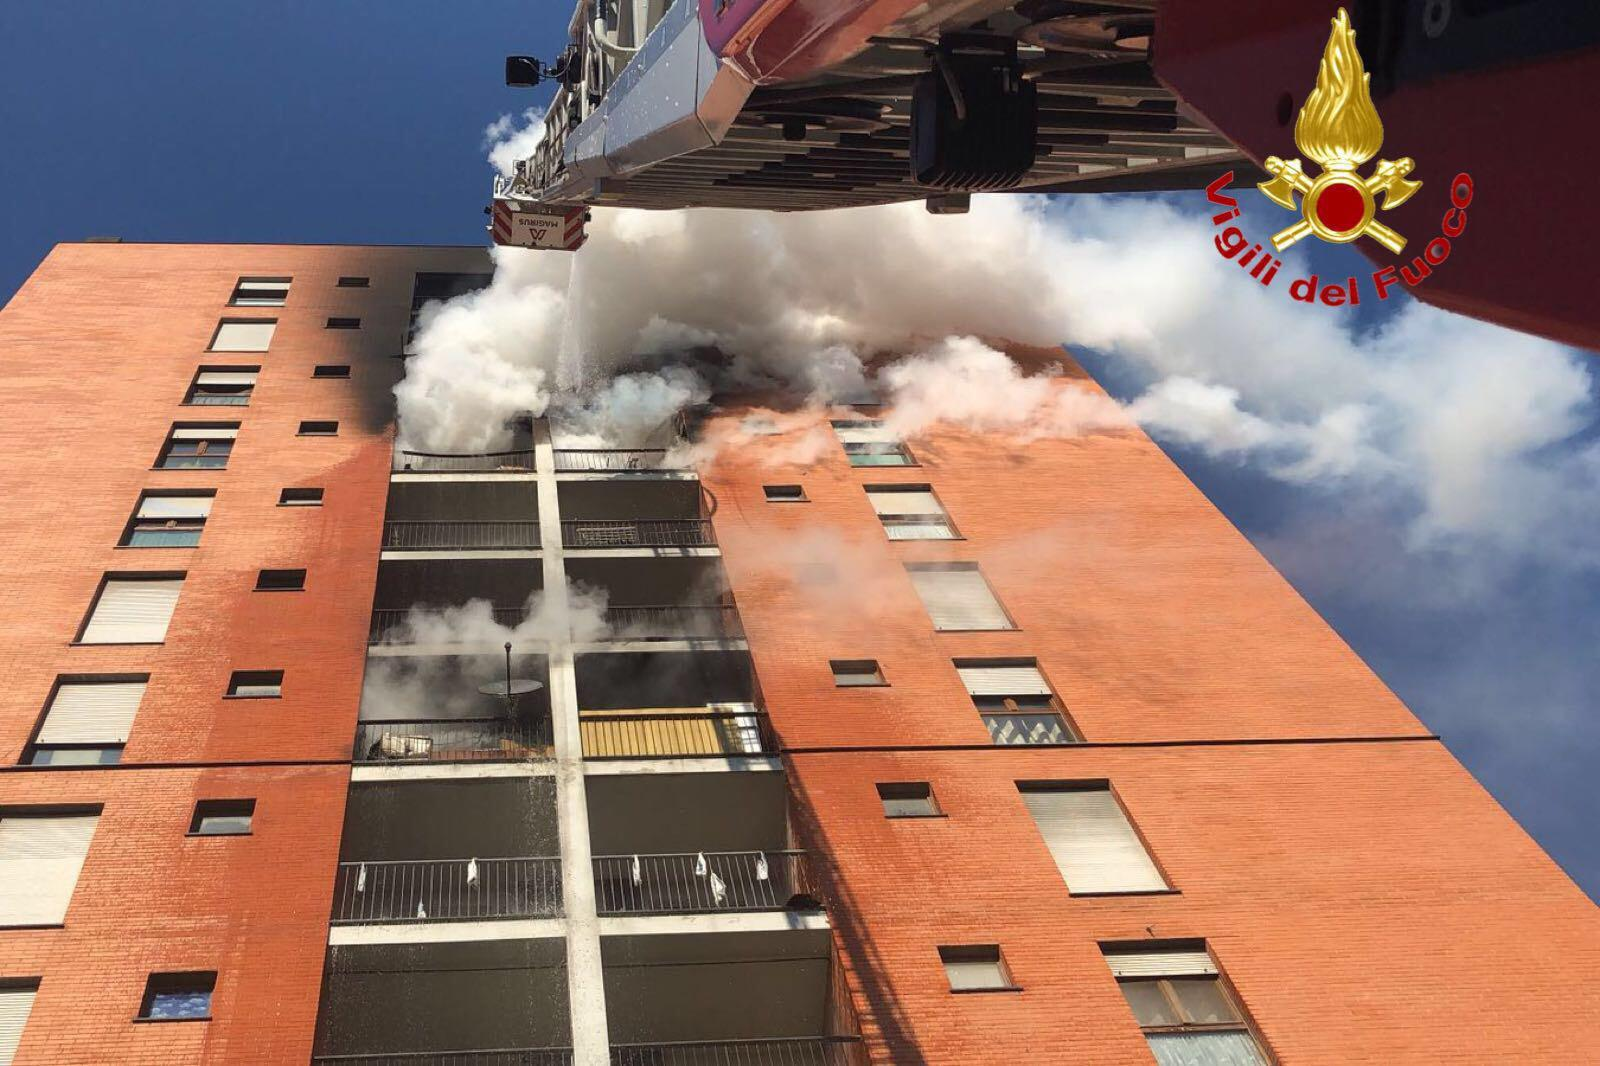 Incendio in un palazzo di 13 piani a Milano: morto il bambino di 13 anni